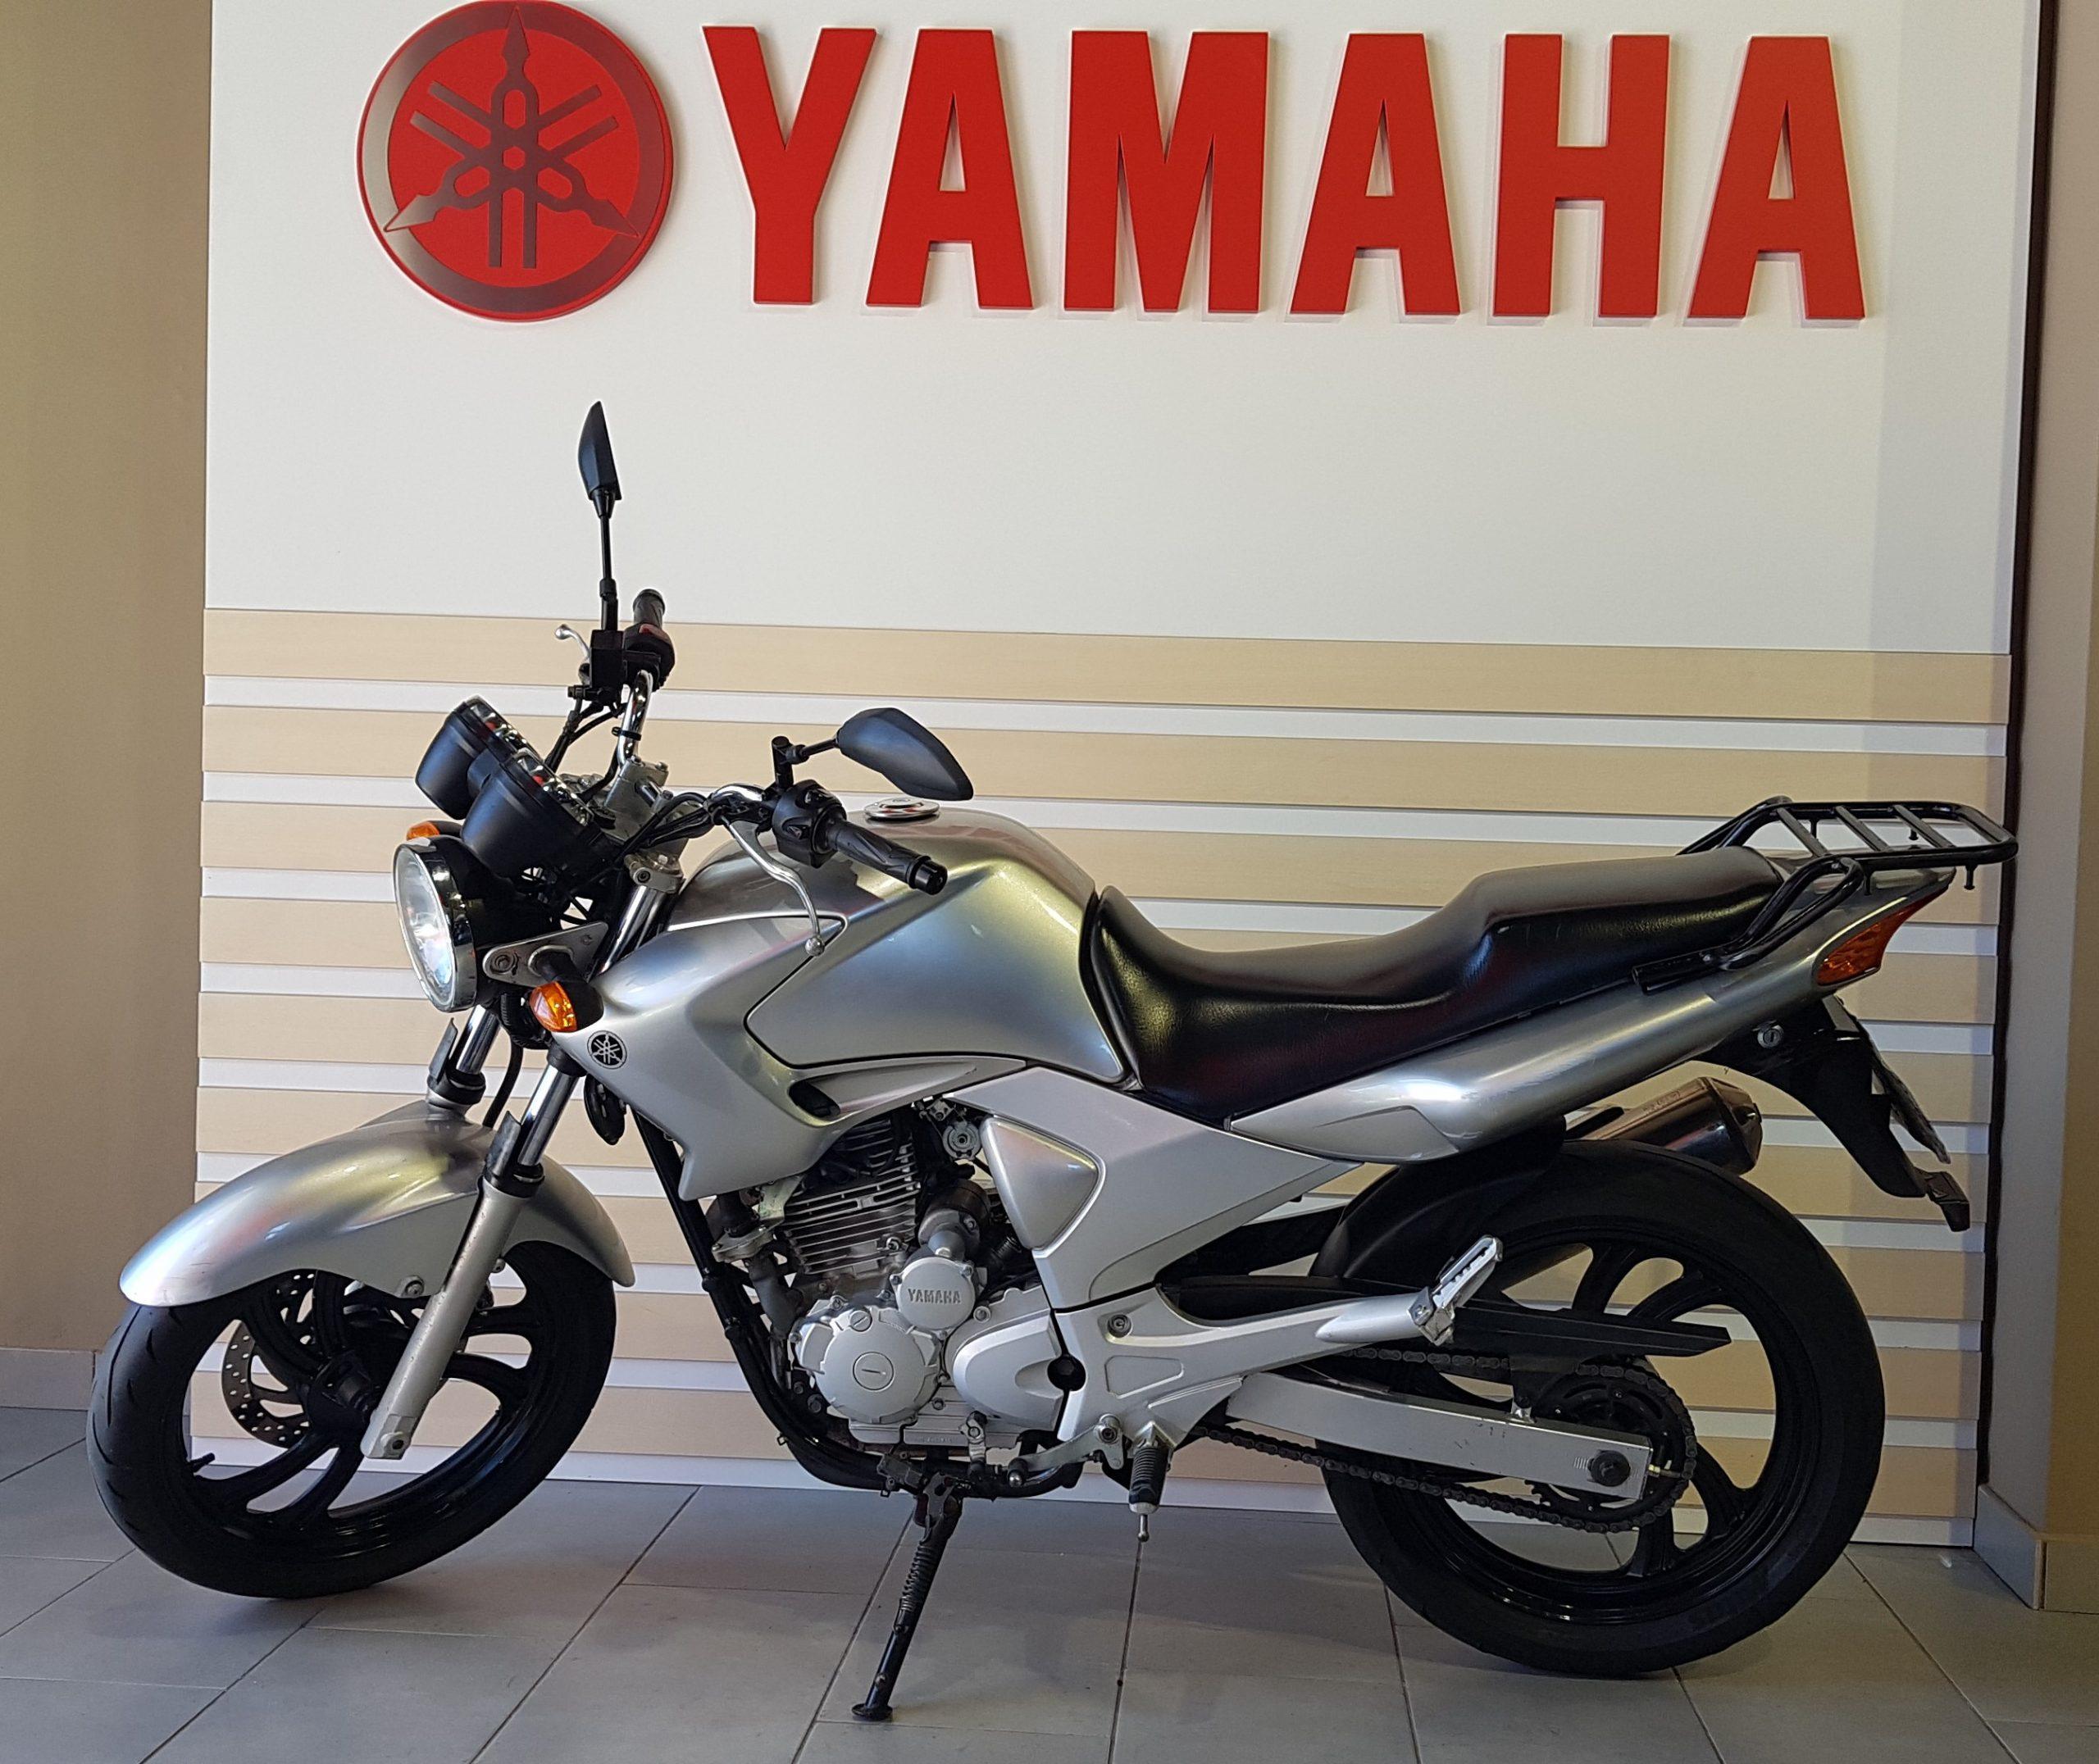 yamaha ybr 250 sprzedam motocykl sportowo-turystyczny